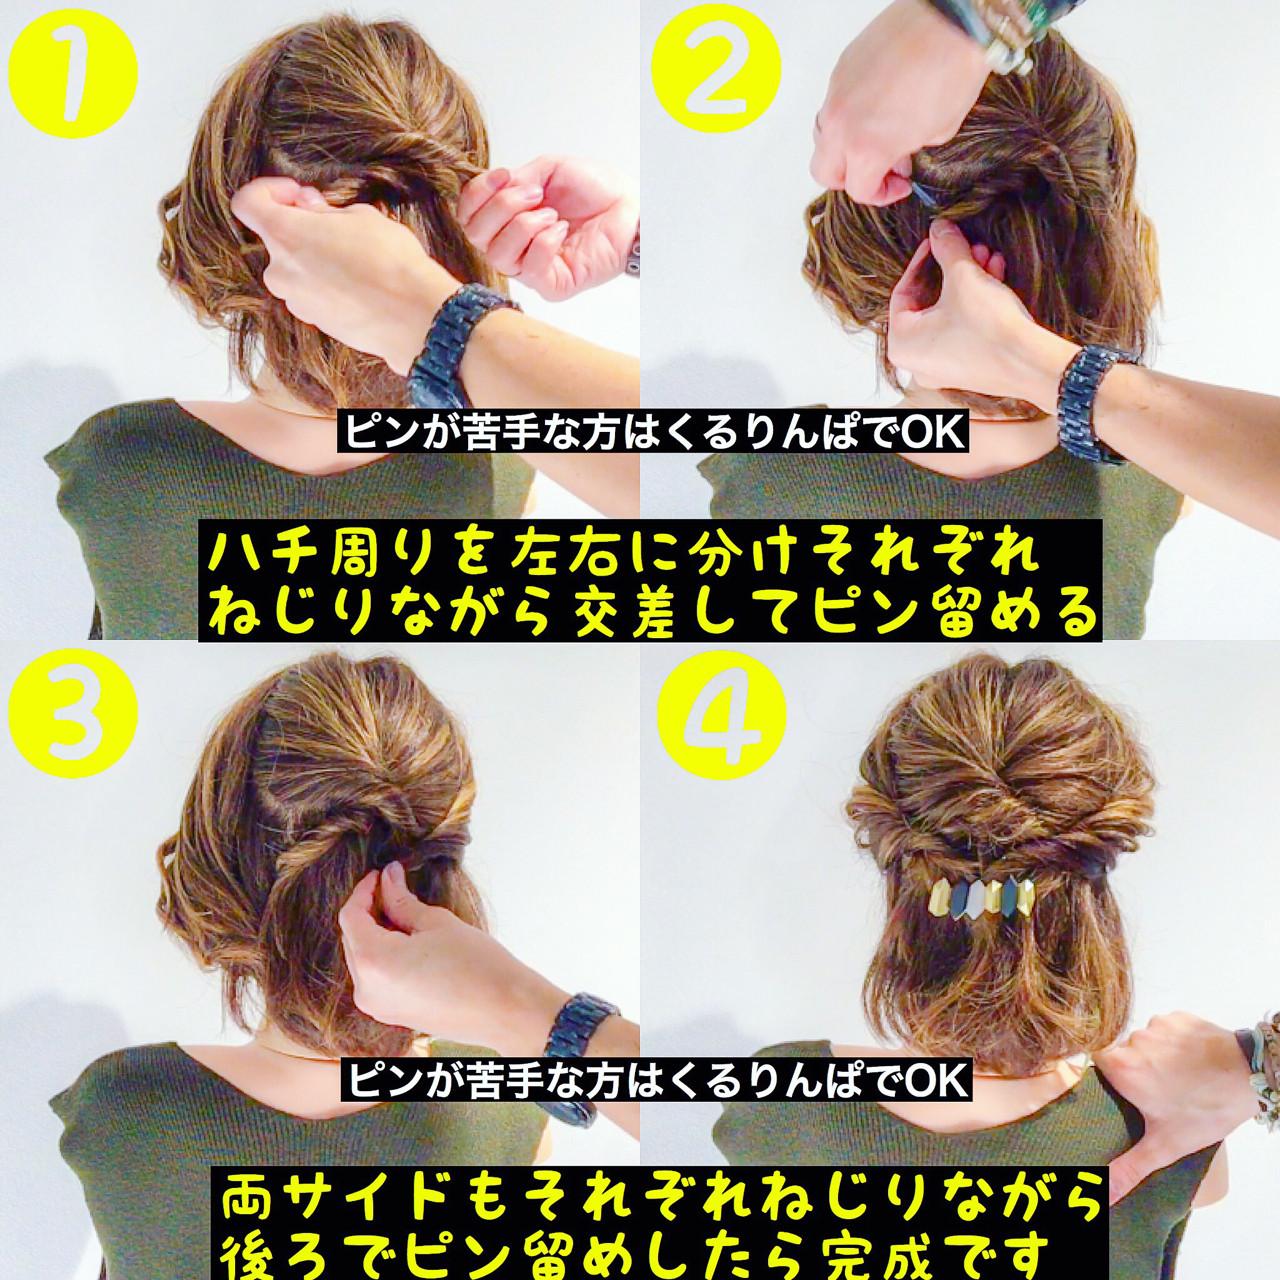 デート 結婚式 ボブ 簡単ヘアアレンジ ヘアスタイルや髪型の写真・画像 | 美容師HIRO/Amoute代表 / Amoute/アムティ